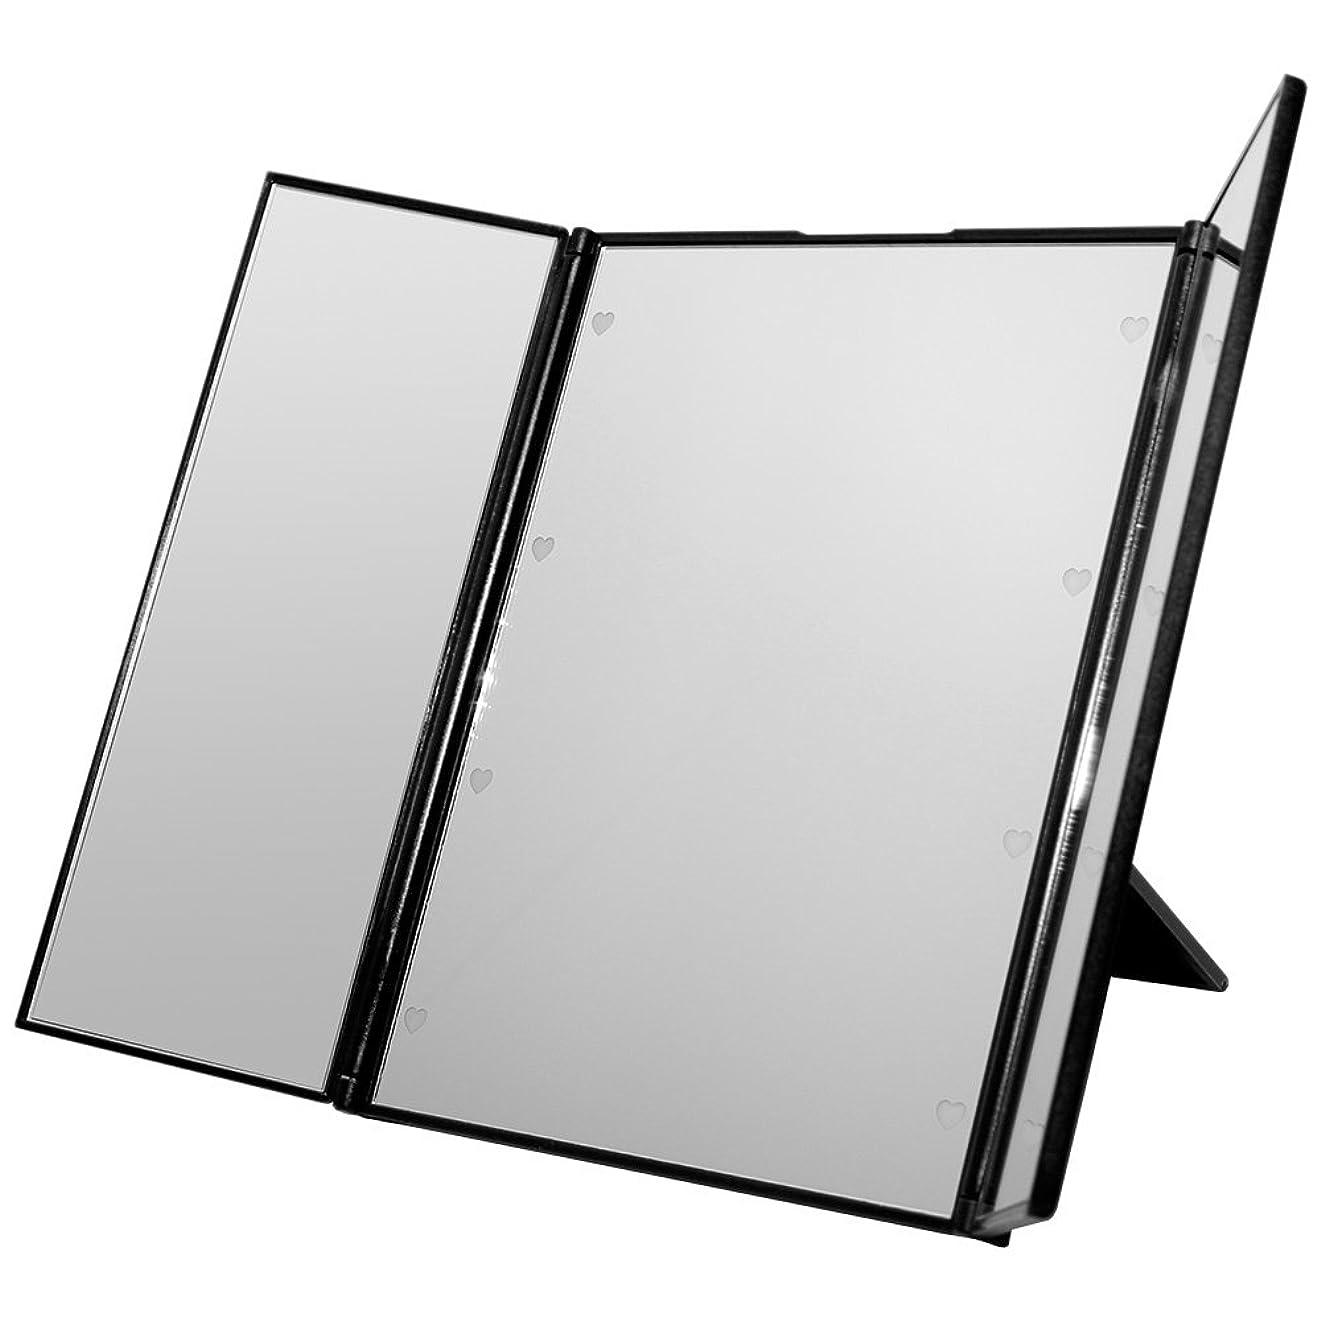 種をまくハンドブック動物GoodsLand 【 ハート型 LED ライト付 】 卓上 折りたたみ 三面鏡 大型 大きい かわいい スタンド ミラー メイク アップ ブライトニング GD-LED-3MR-BK